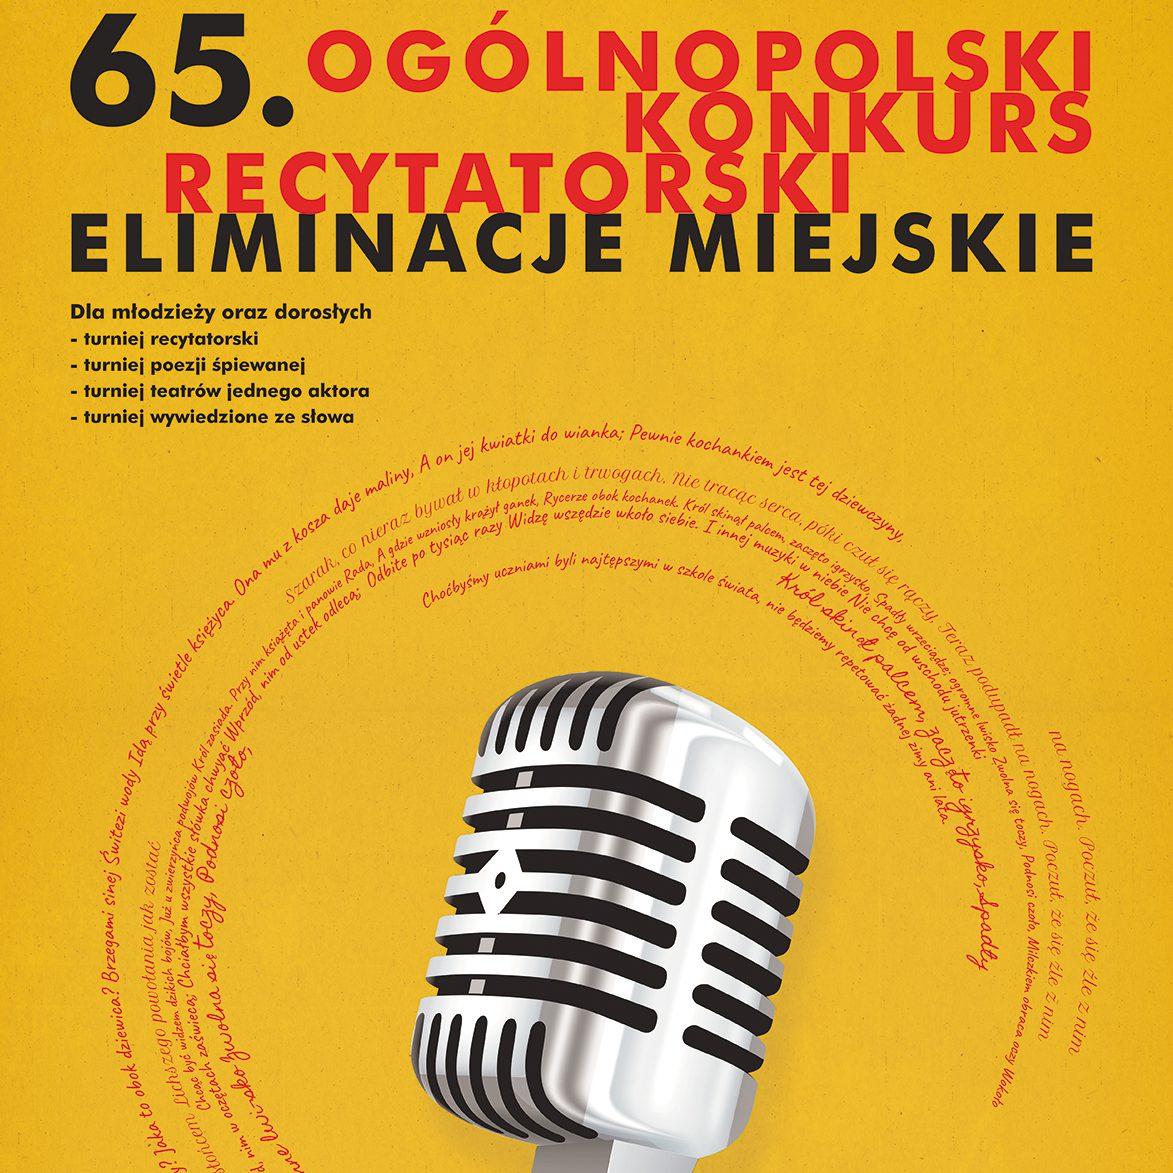 65. Ogólnopolski Konkurs Recytatorski – eliminacje miejskie